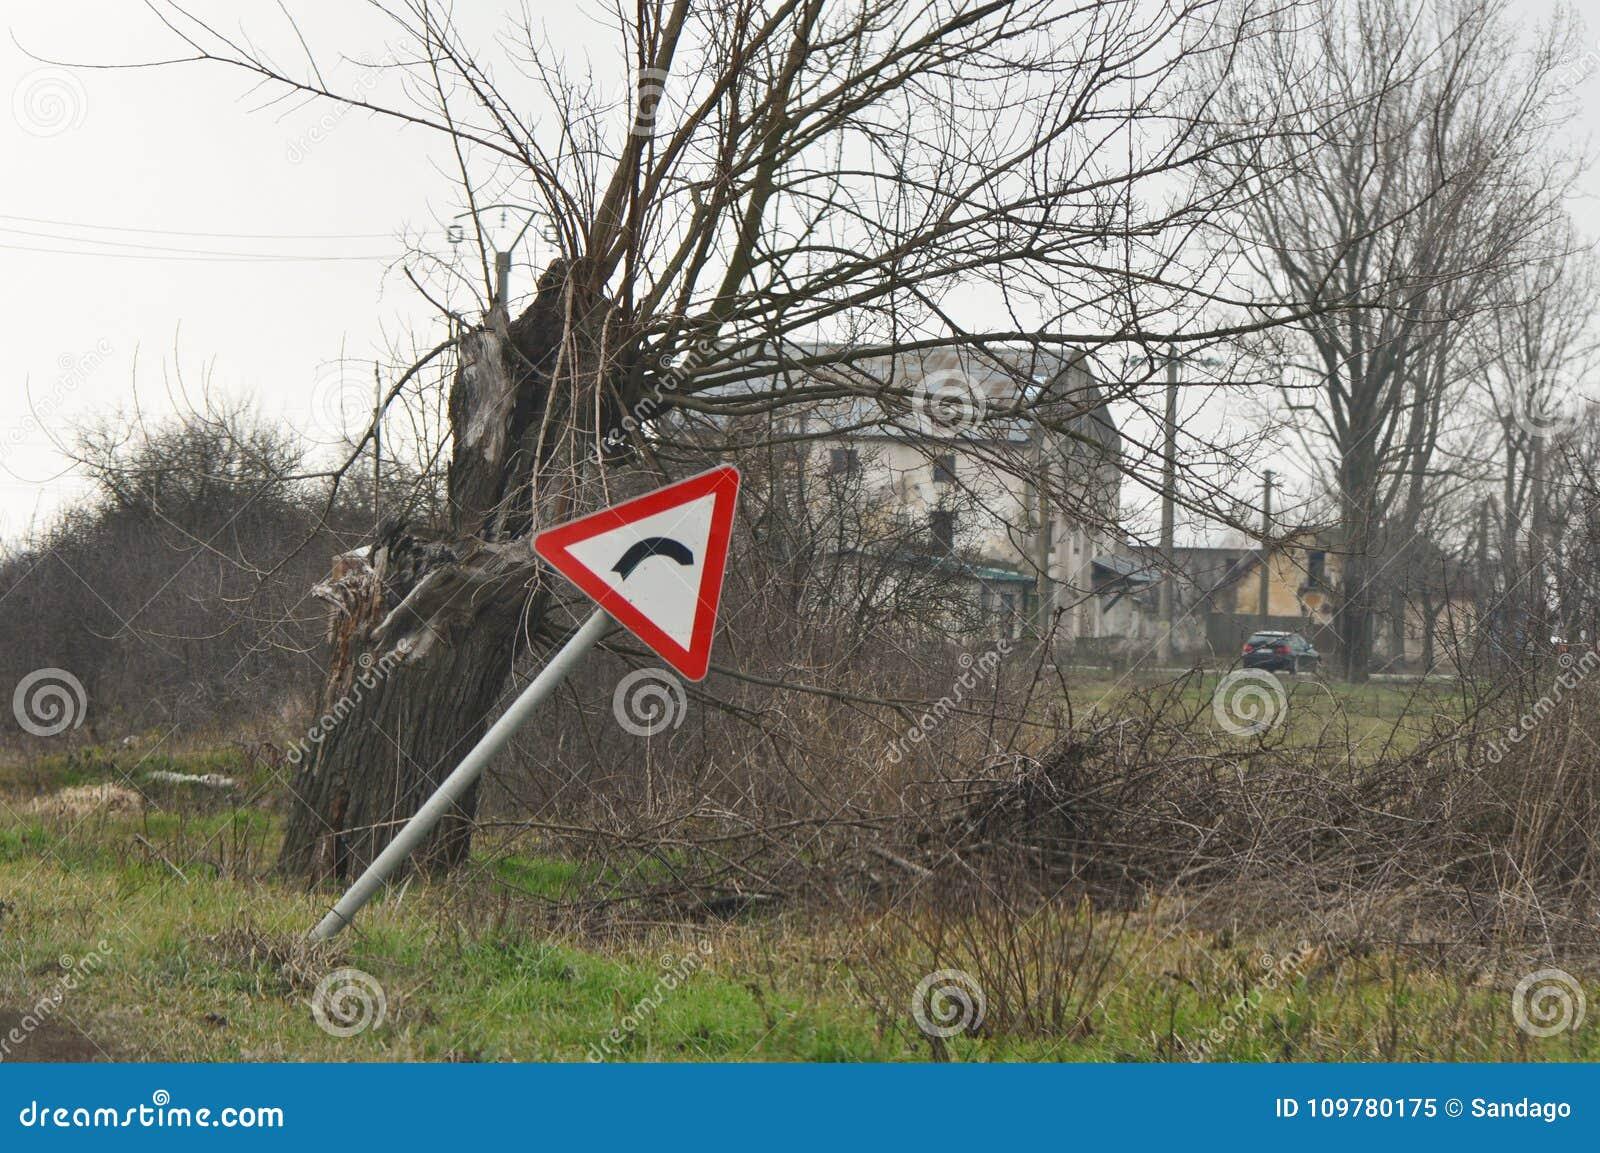 Biegung voran rechts Gefahrenverkehrsschilder